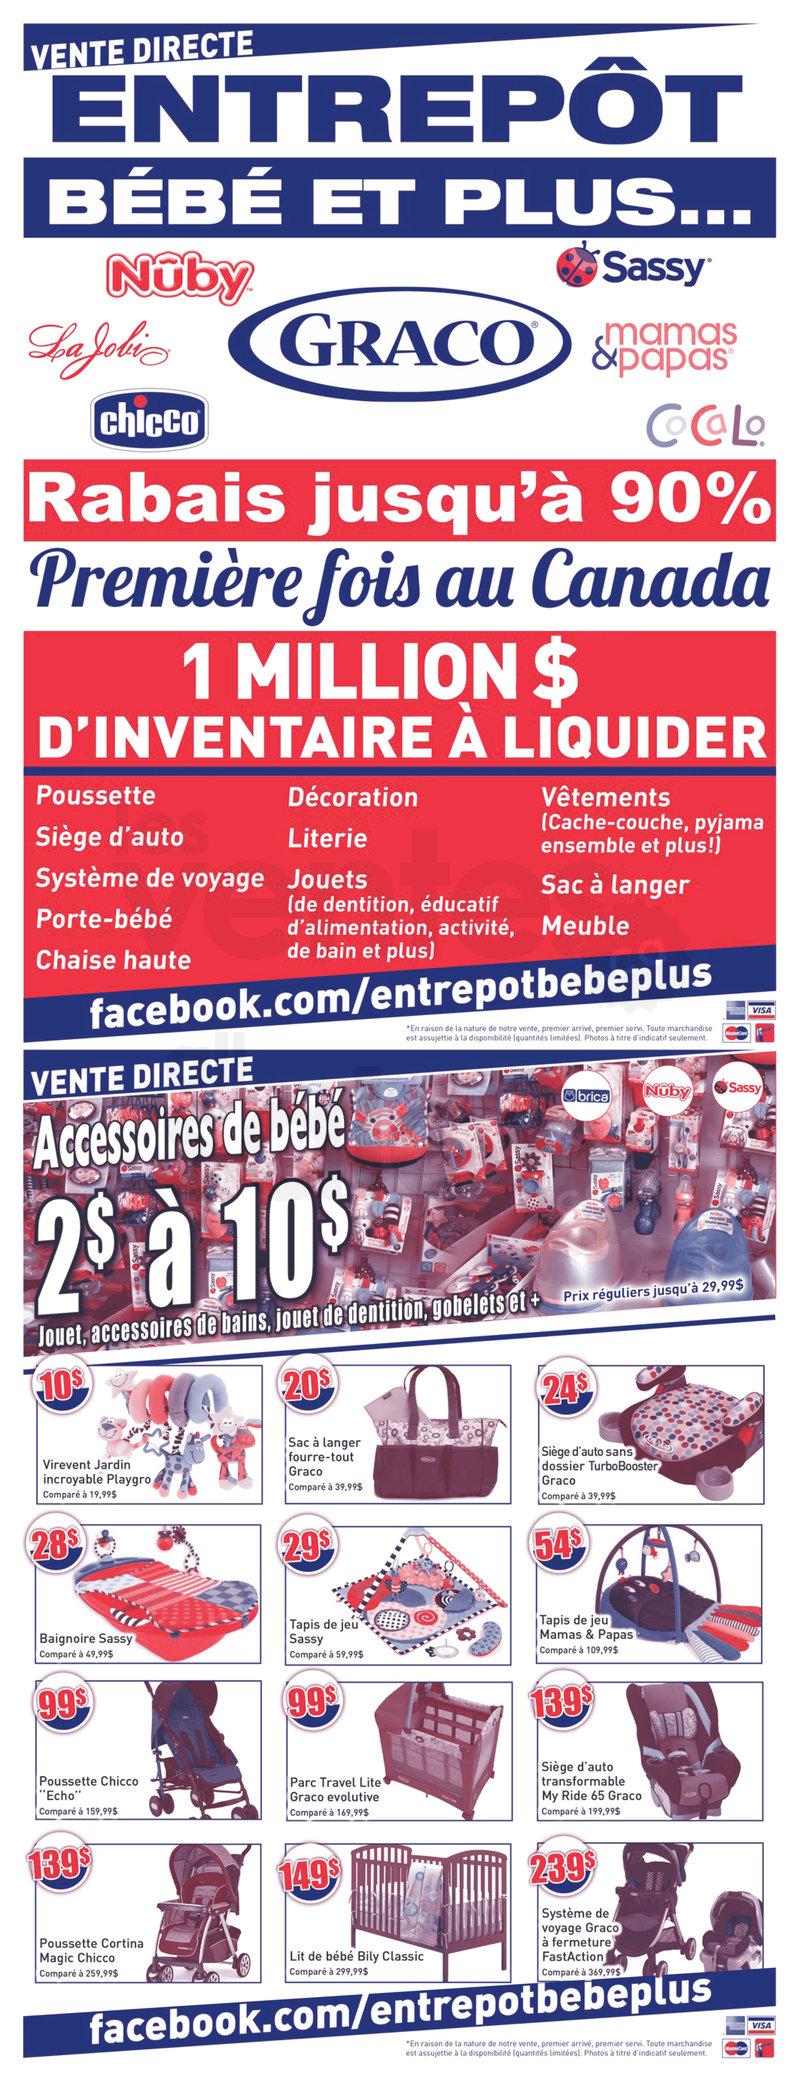 Entrep t tout pour b b jusqu 39 90 for Entrepot liquidation meubles et matelas